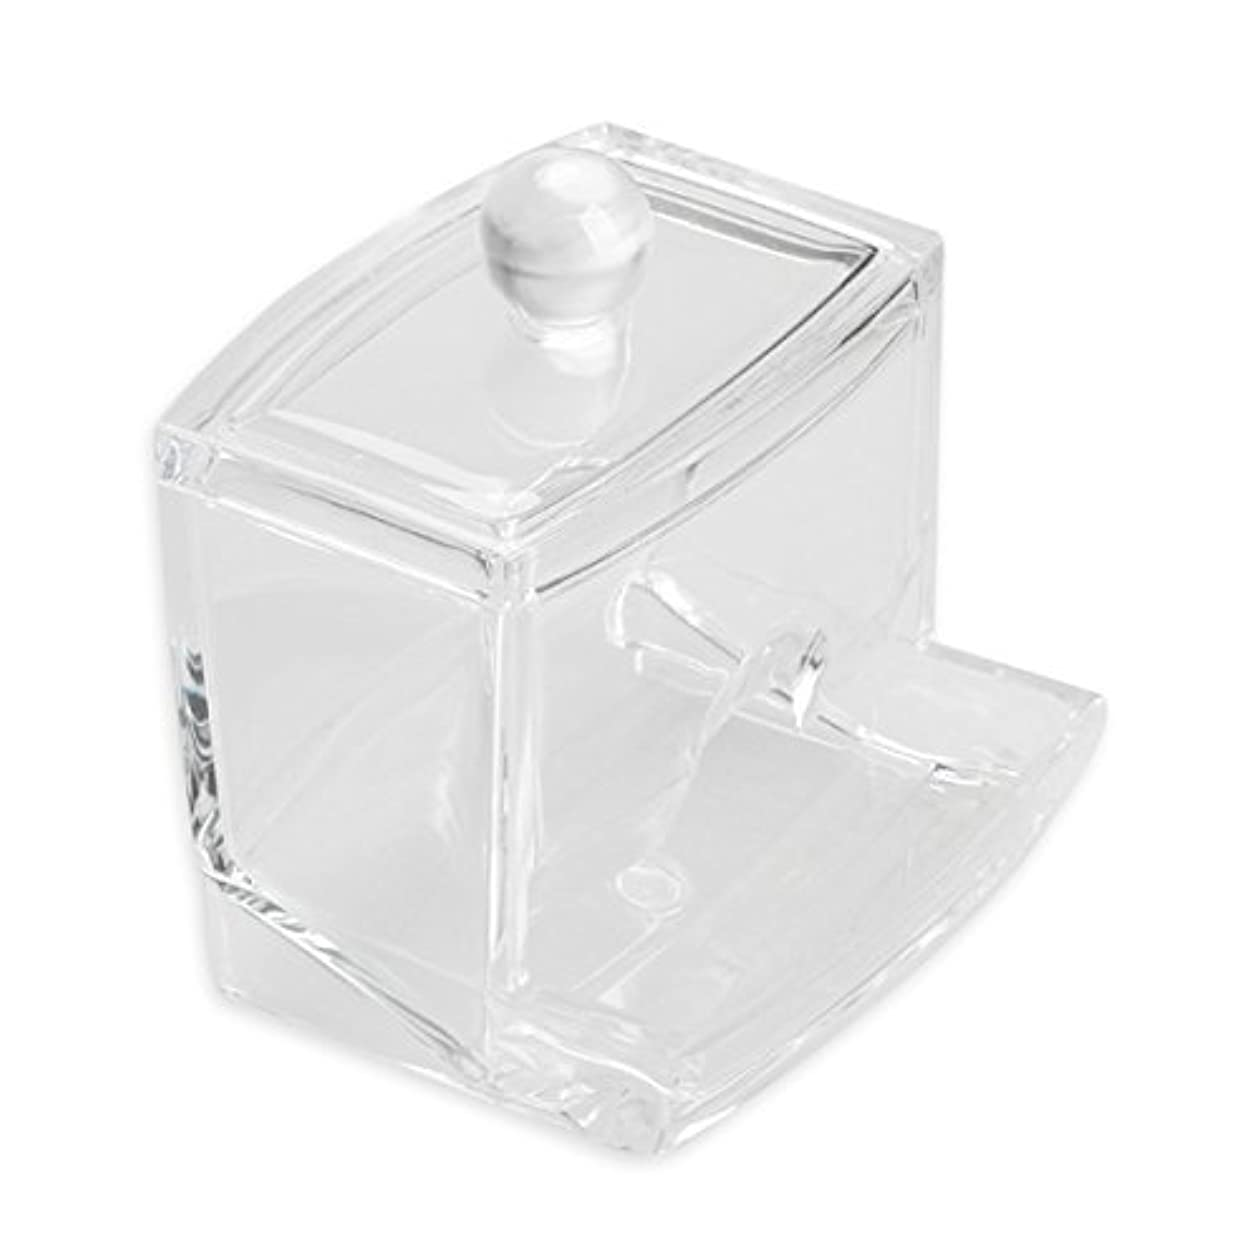 染料強盗検索エンジン最適化xlp コットン収納ボックス 透明 コットンスティック メイクボックス 綿棒収納ボックス 多機能 小物入れ クリア アクリル